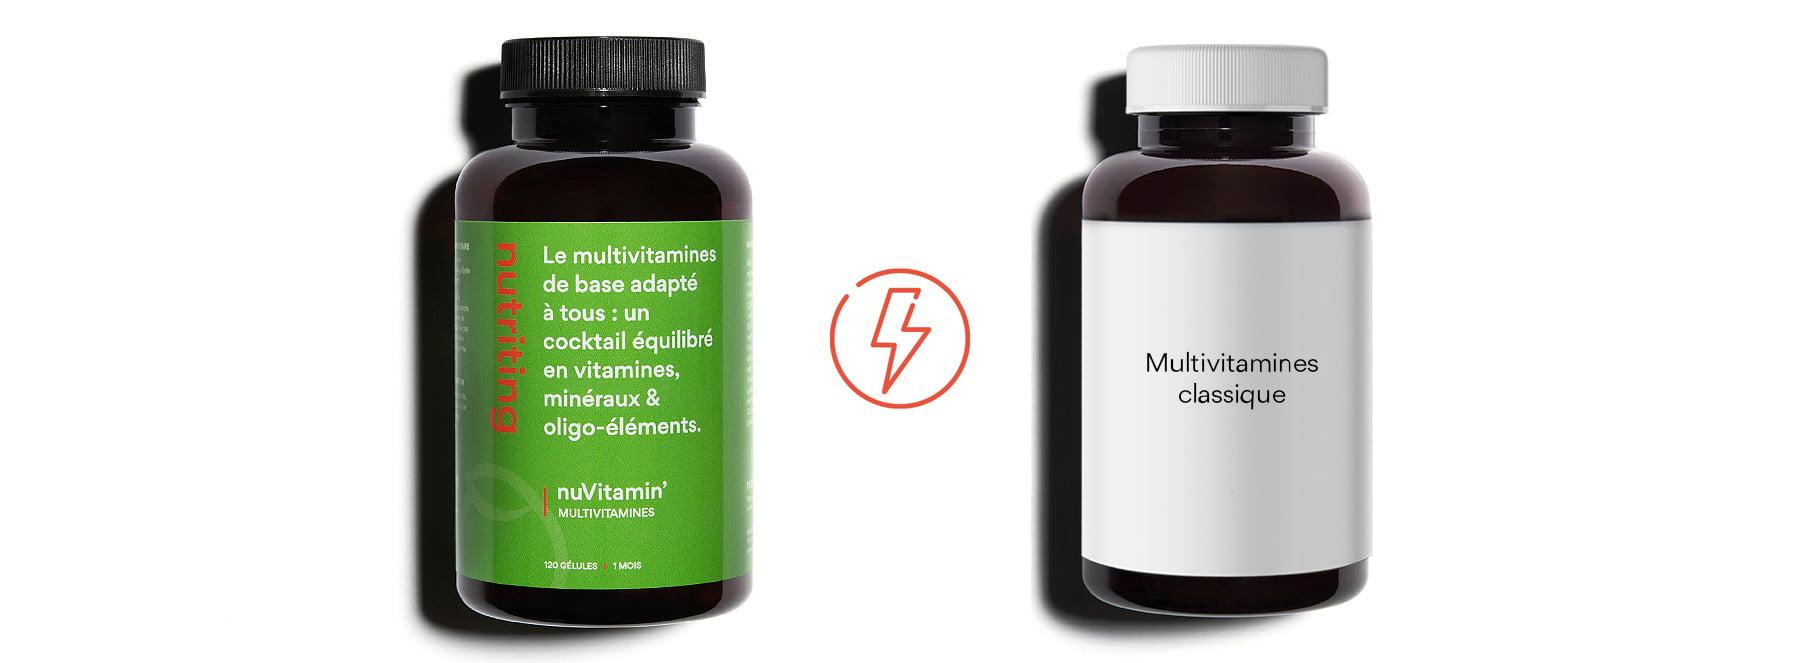 nuvitamin_versus